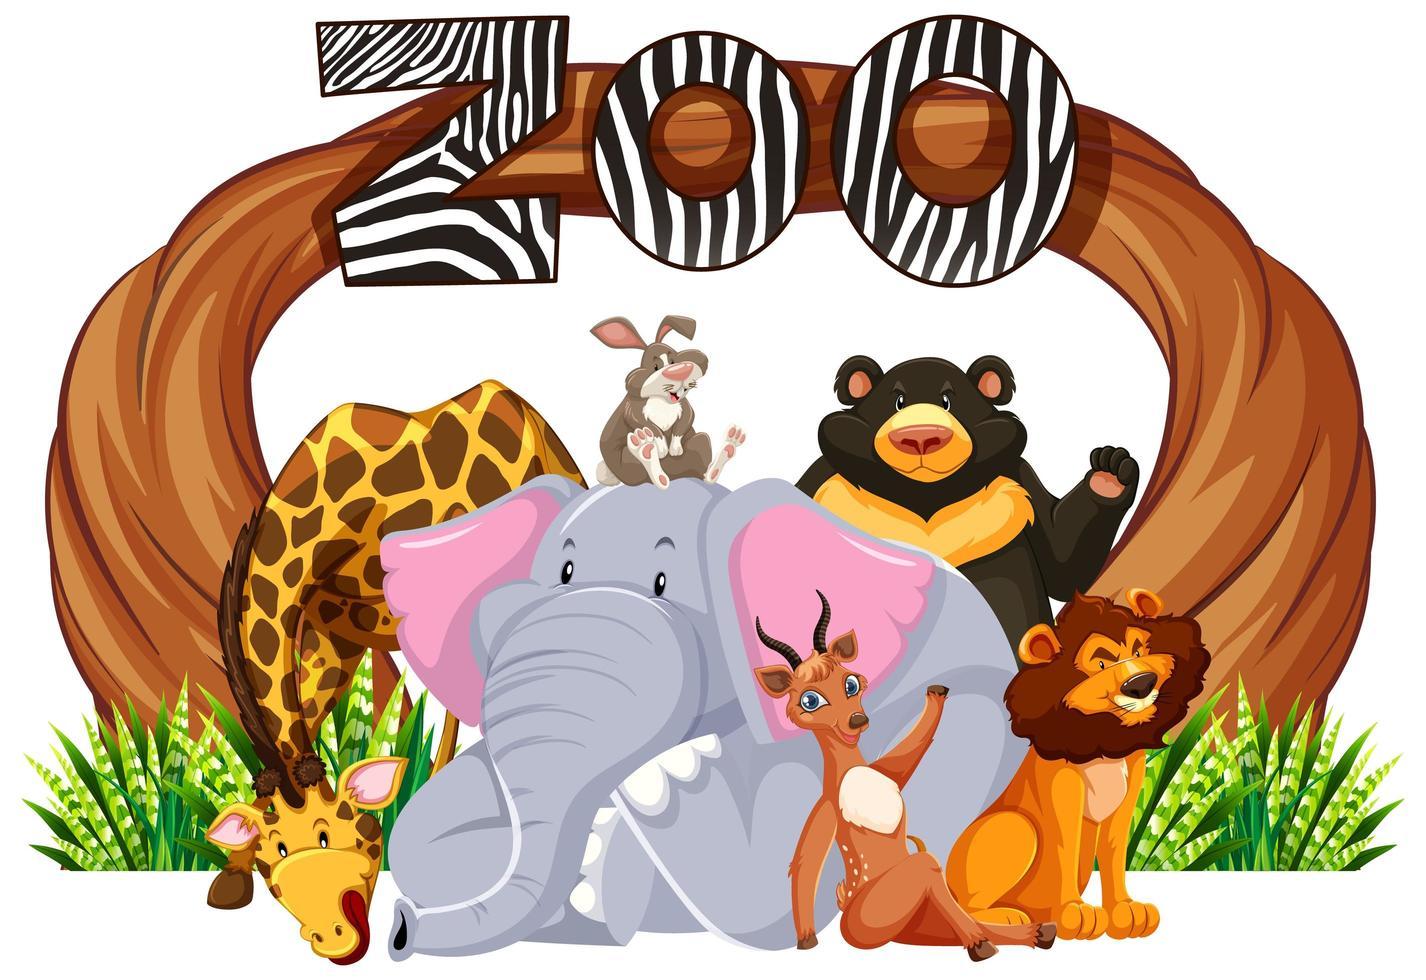 panneau d'entrée du zoo avec des animaux de dessin animé vecteur